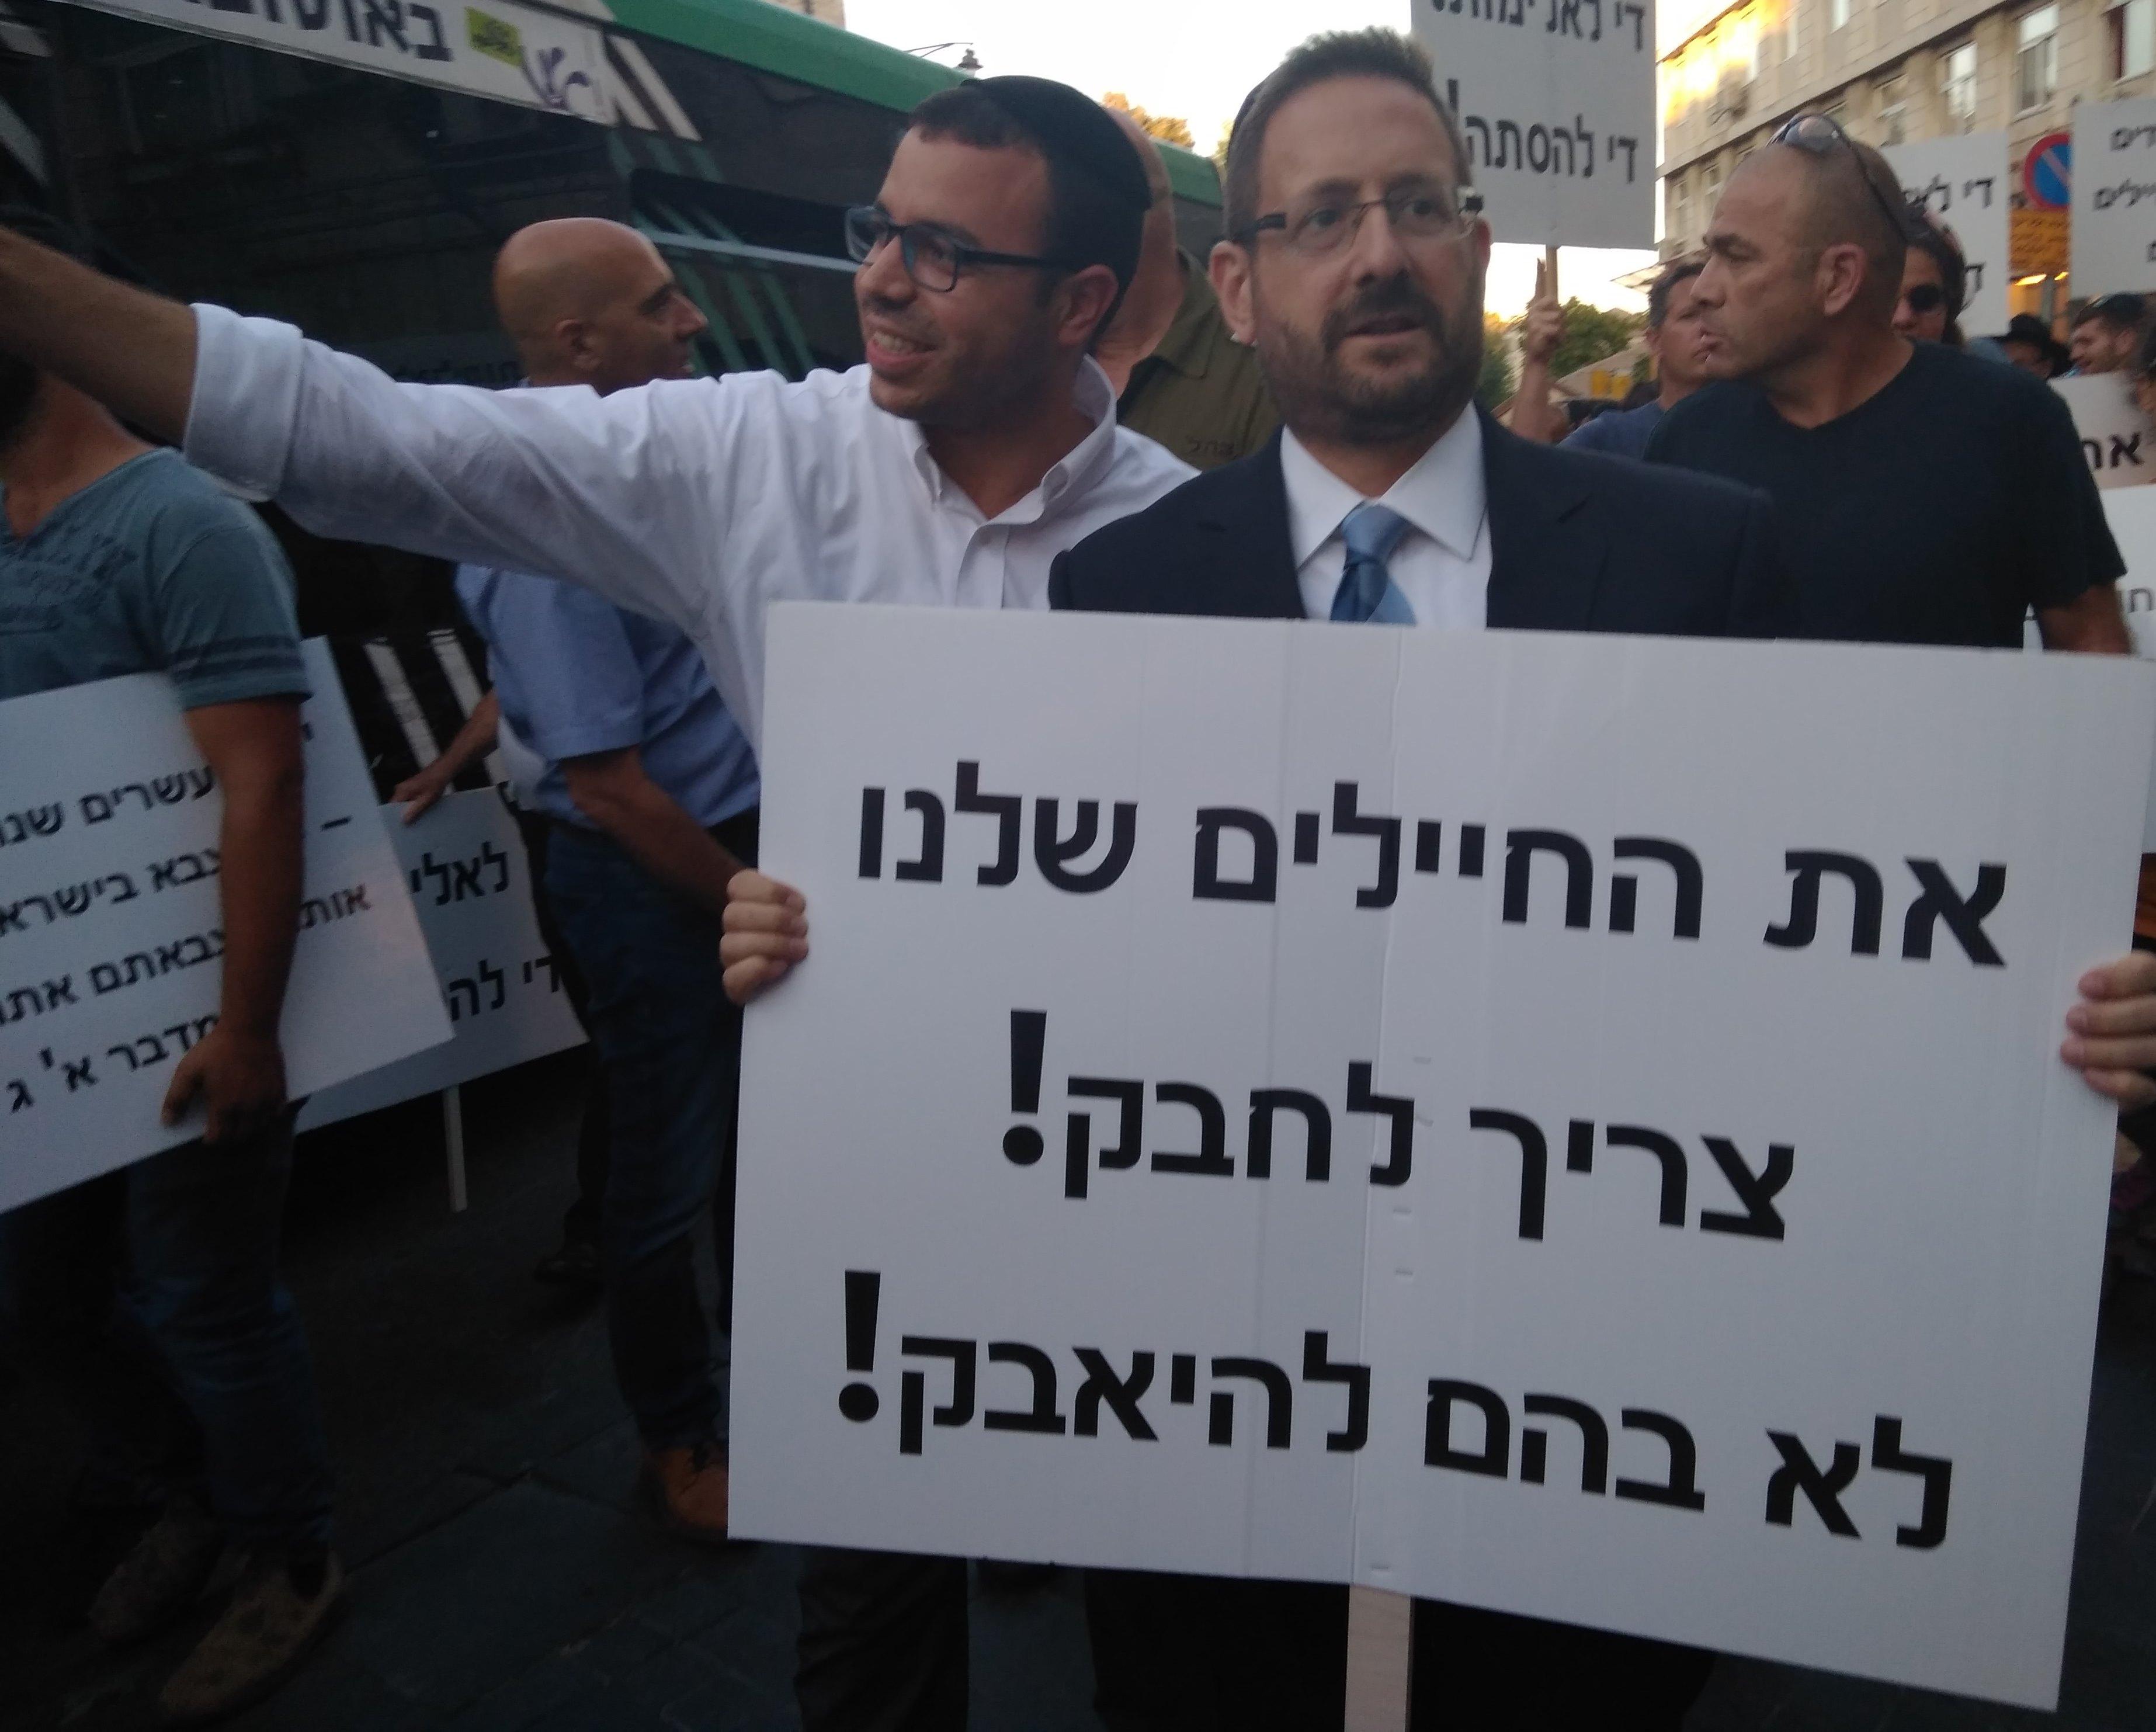 צפו: עשרות צעדו בירושלים בכדי לתמוך בחיילים החרדים